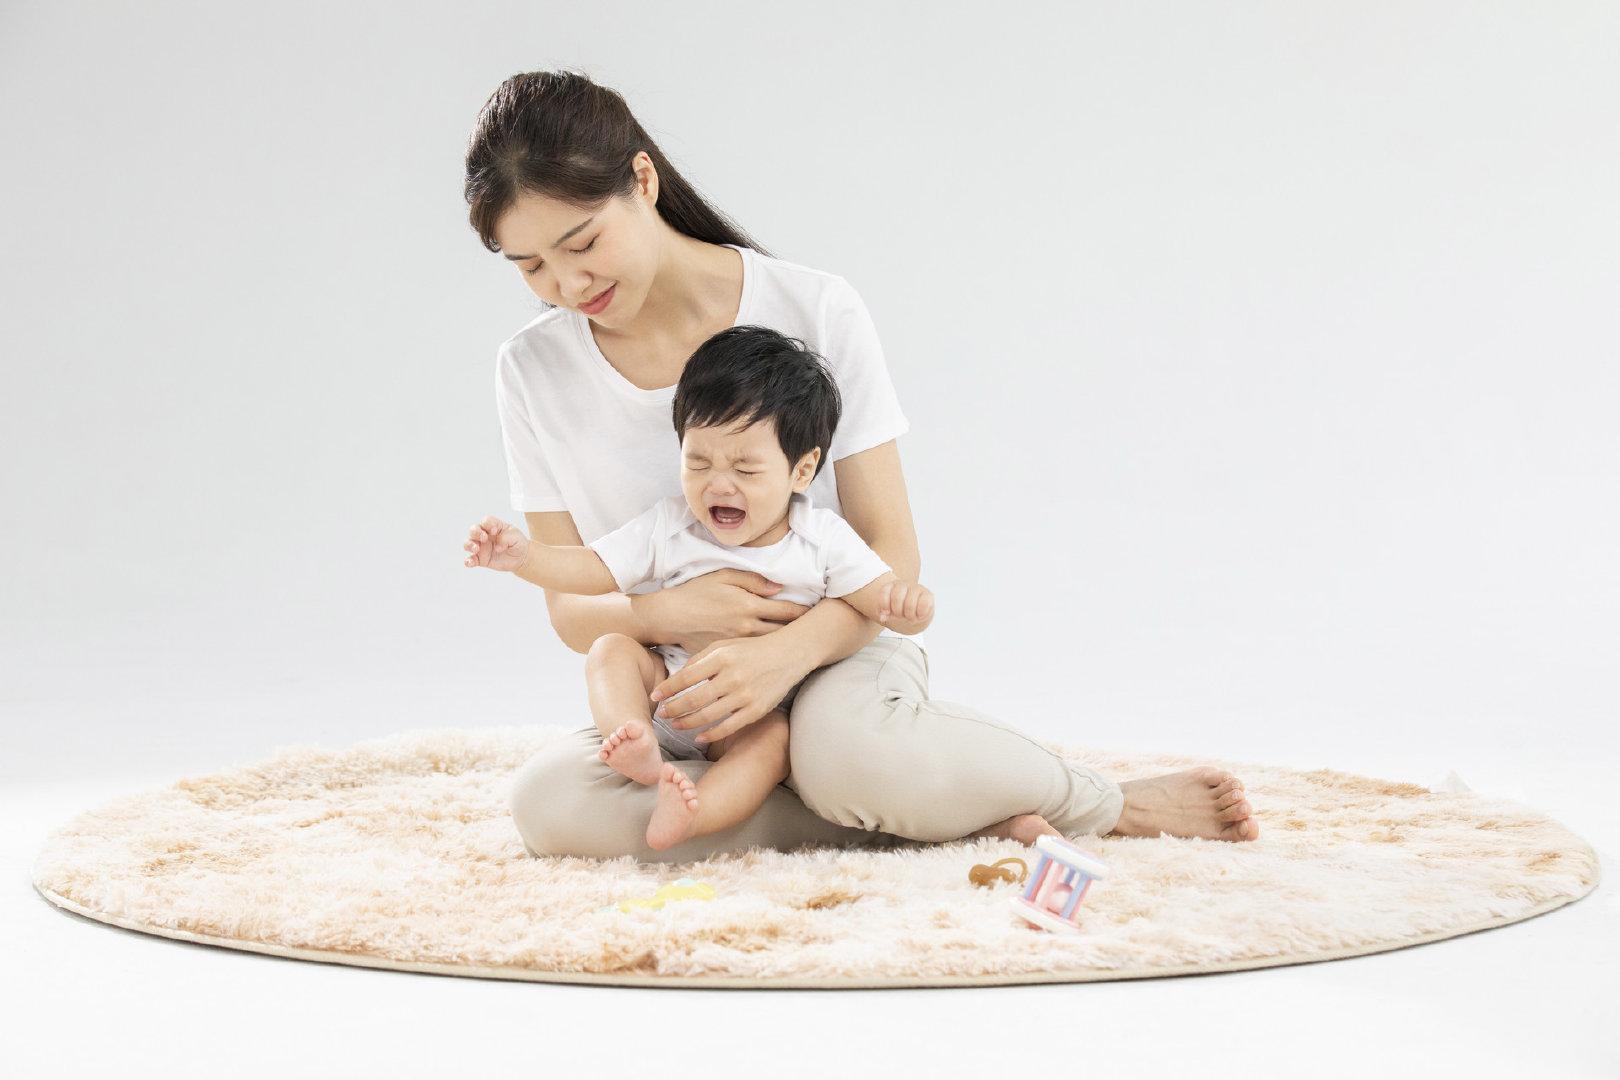 宝妈的假期烦恼,孩子作息被打乱,闹觉哭、哄不睡该怎么办